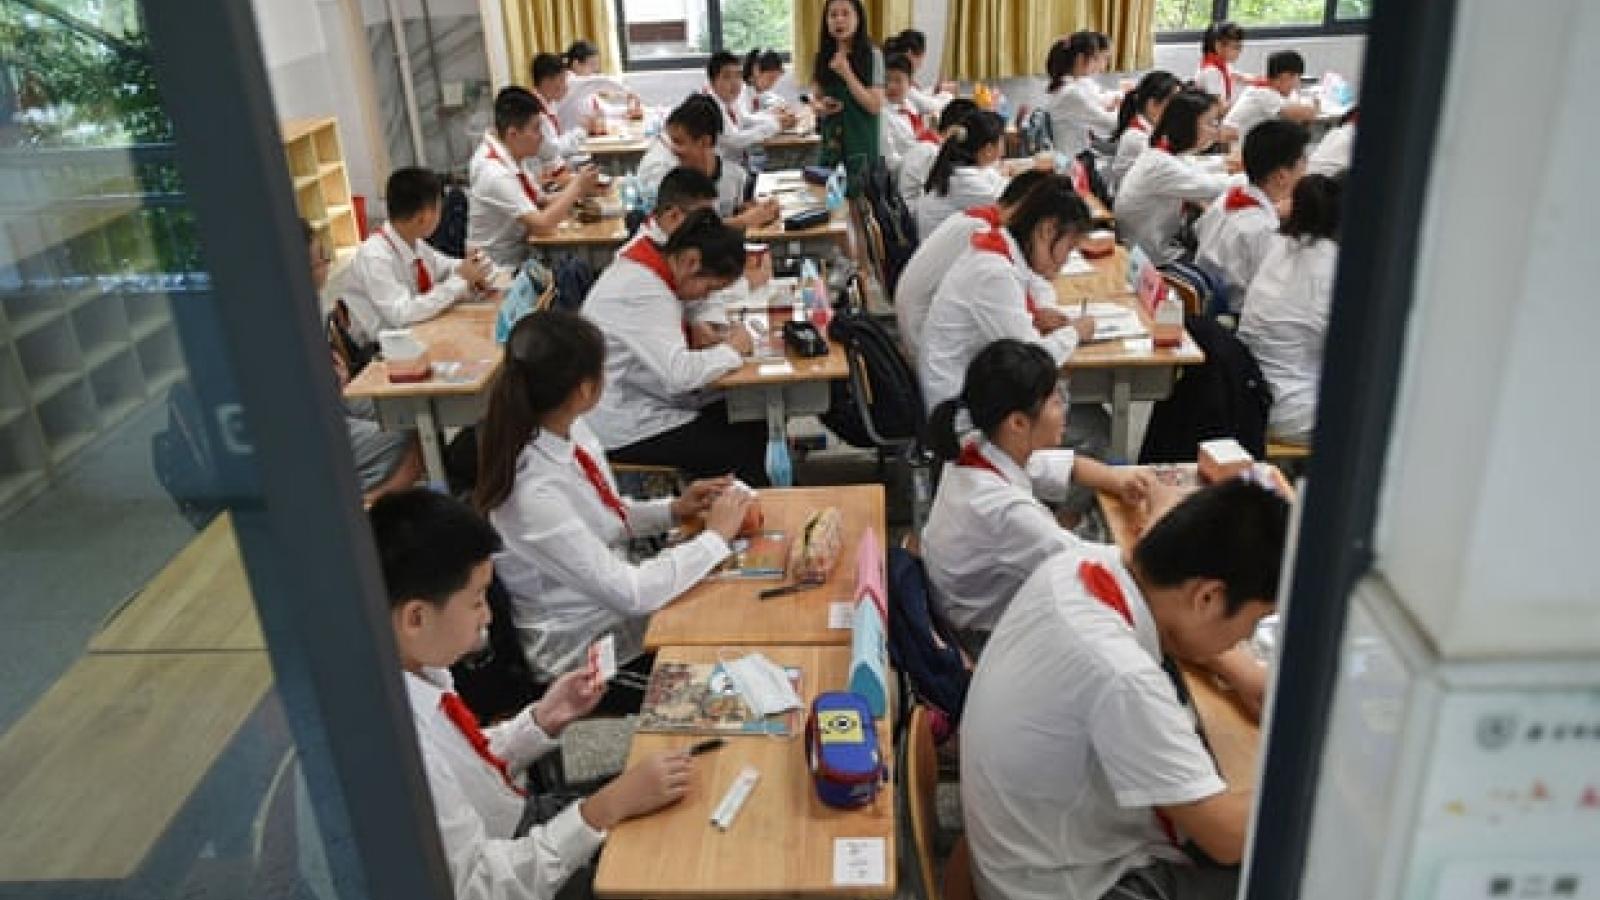 Trung Quốc thông qua luật giáo dục giảm áp lực bài tập về nhà cho học sinh